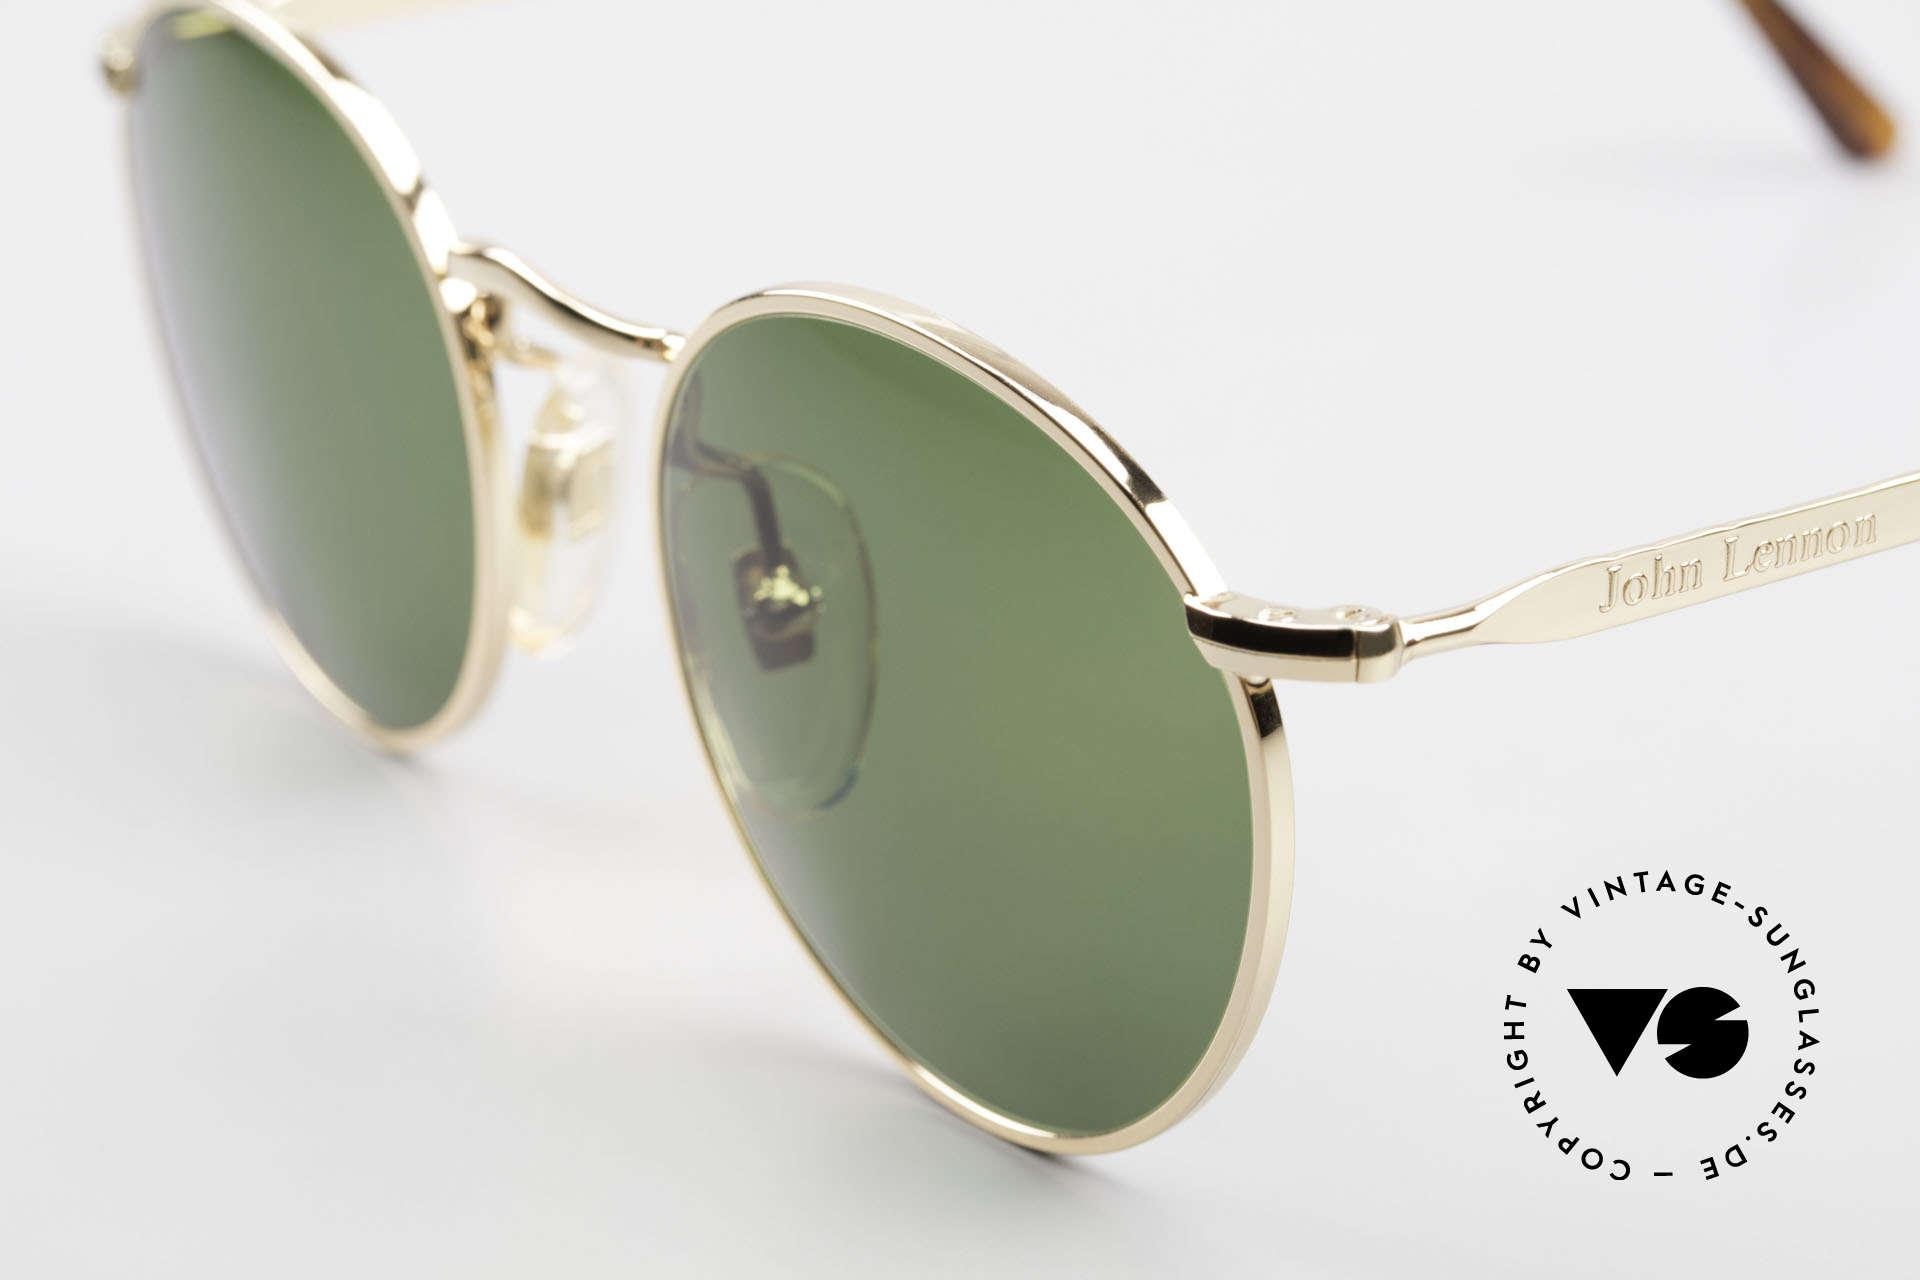 John Lennon - The Dreamer Original JL Collection Brille, grasgrüne Sonnengläser (für 100% UV Protection), Passend für Herren und Damen